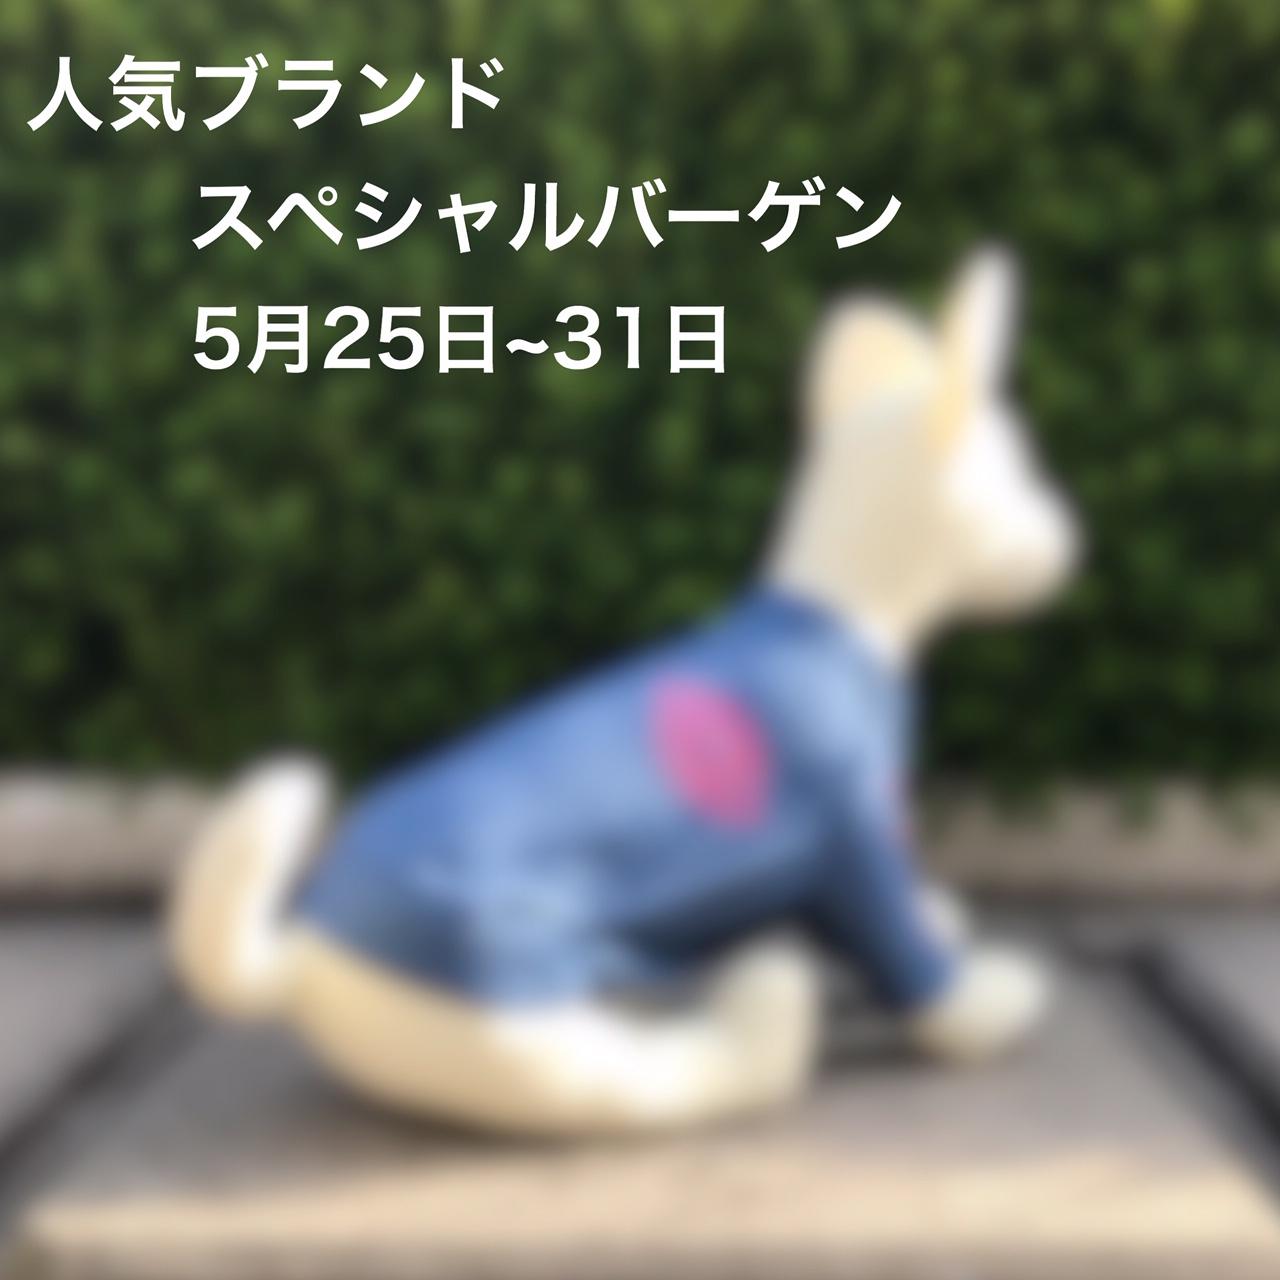 2019/05/25-05/31 宝塚 人気ブランド スペシャルバーゲン